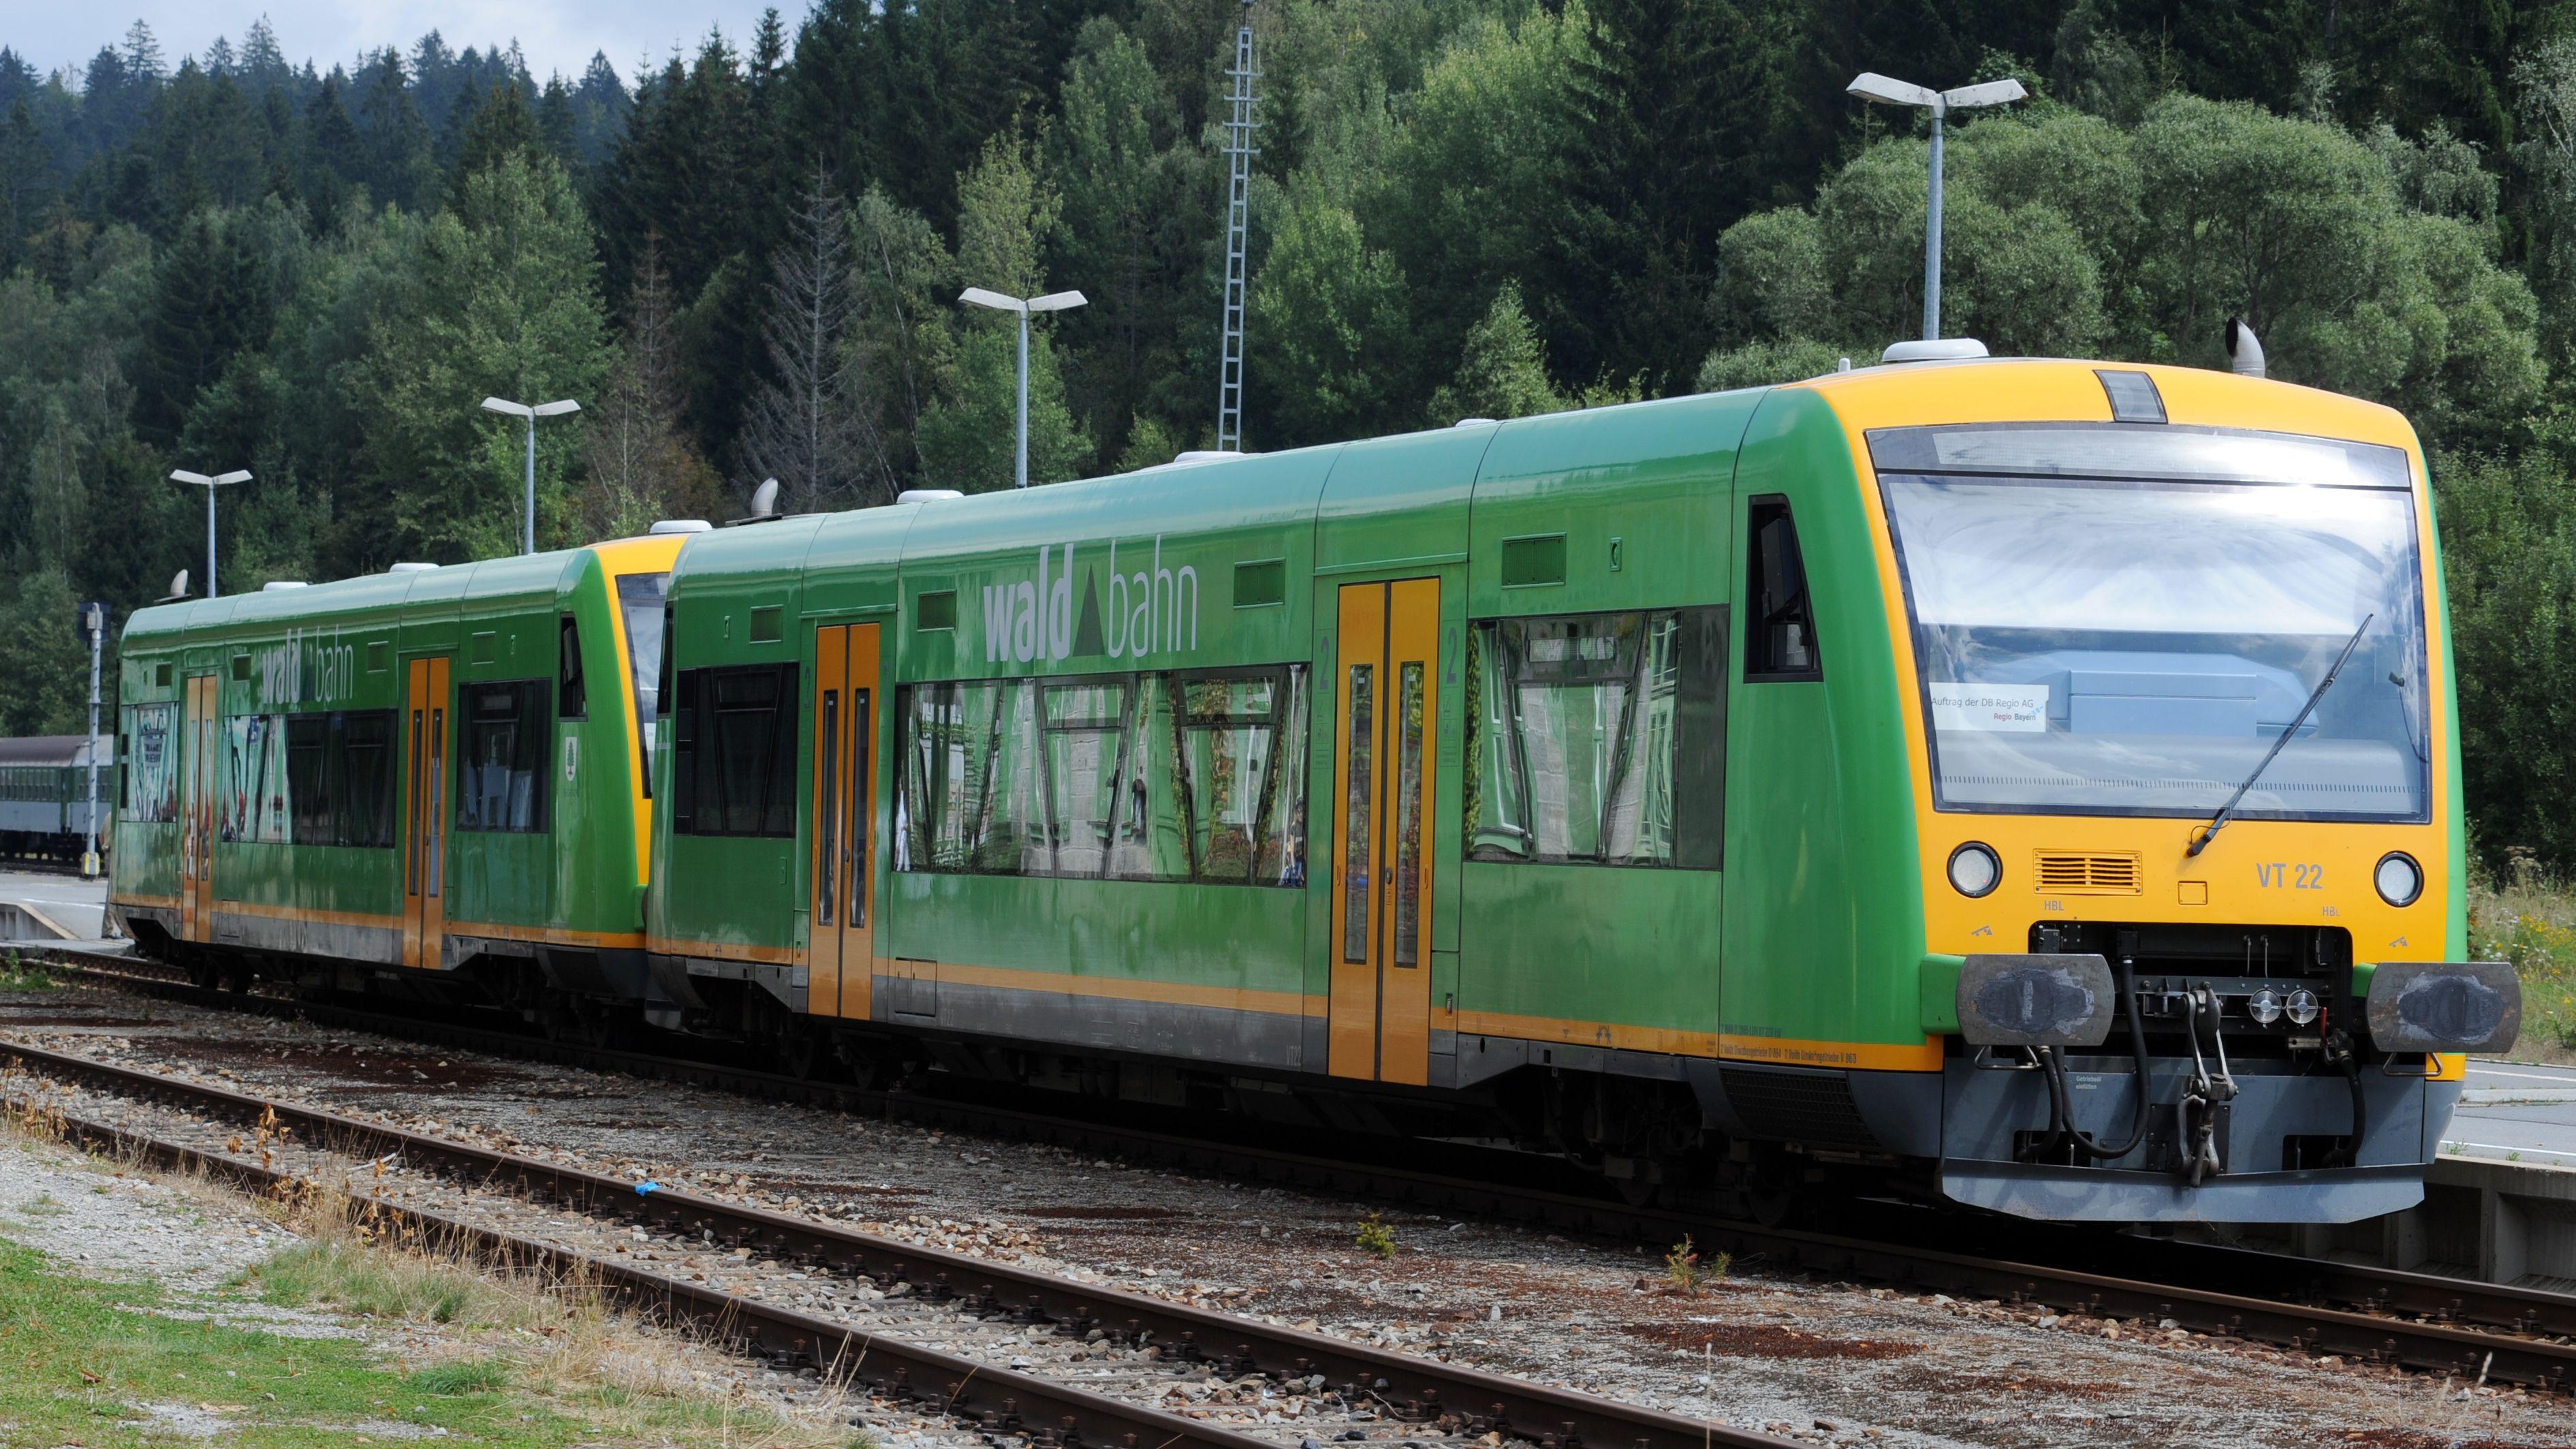 Diese Woche fallen die Waldbahnzüge zwischen Zwiesel und Bodenmais wegen wegen Bauarbeiten aus.